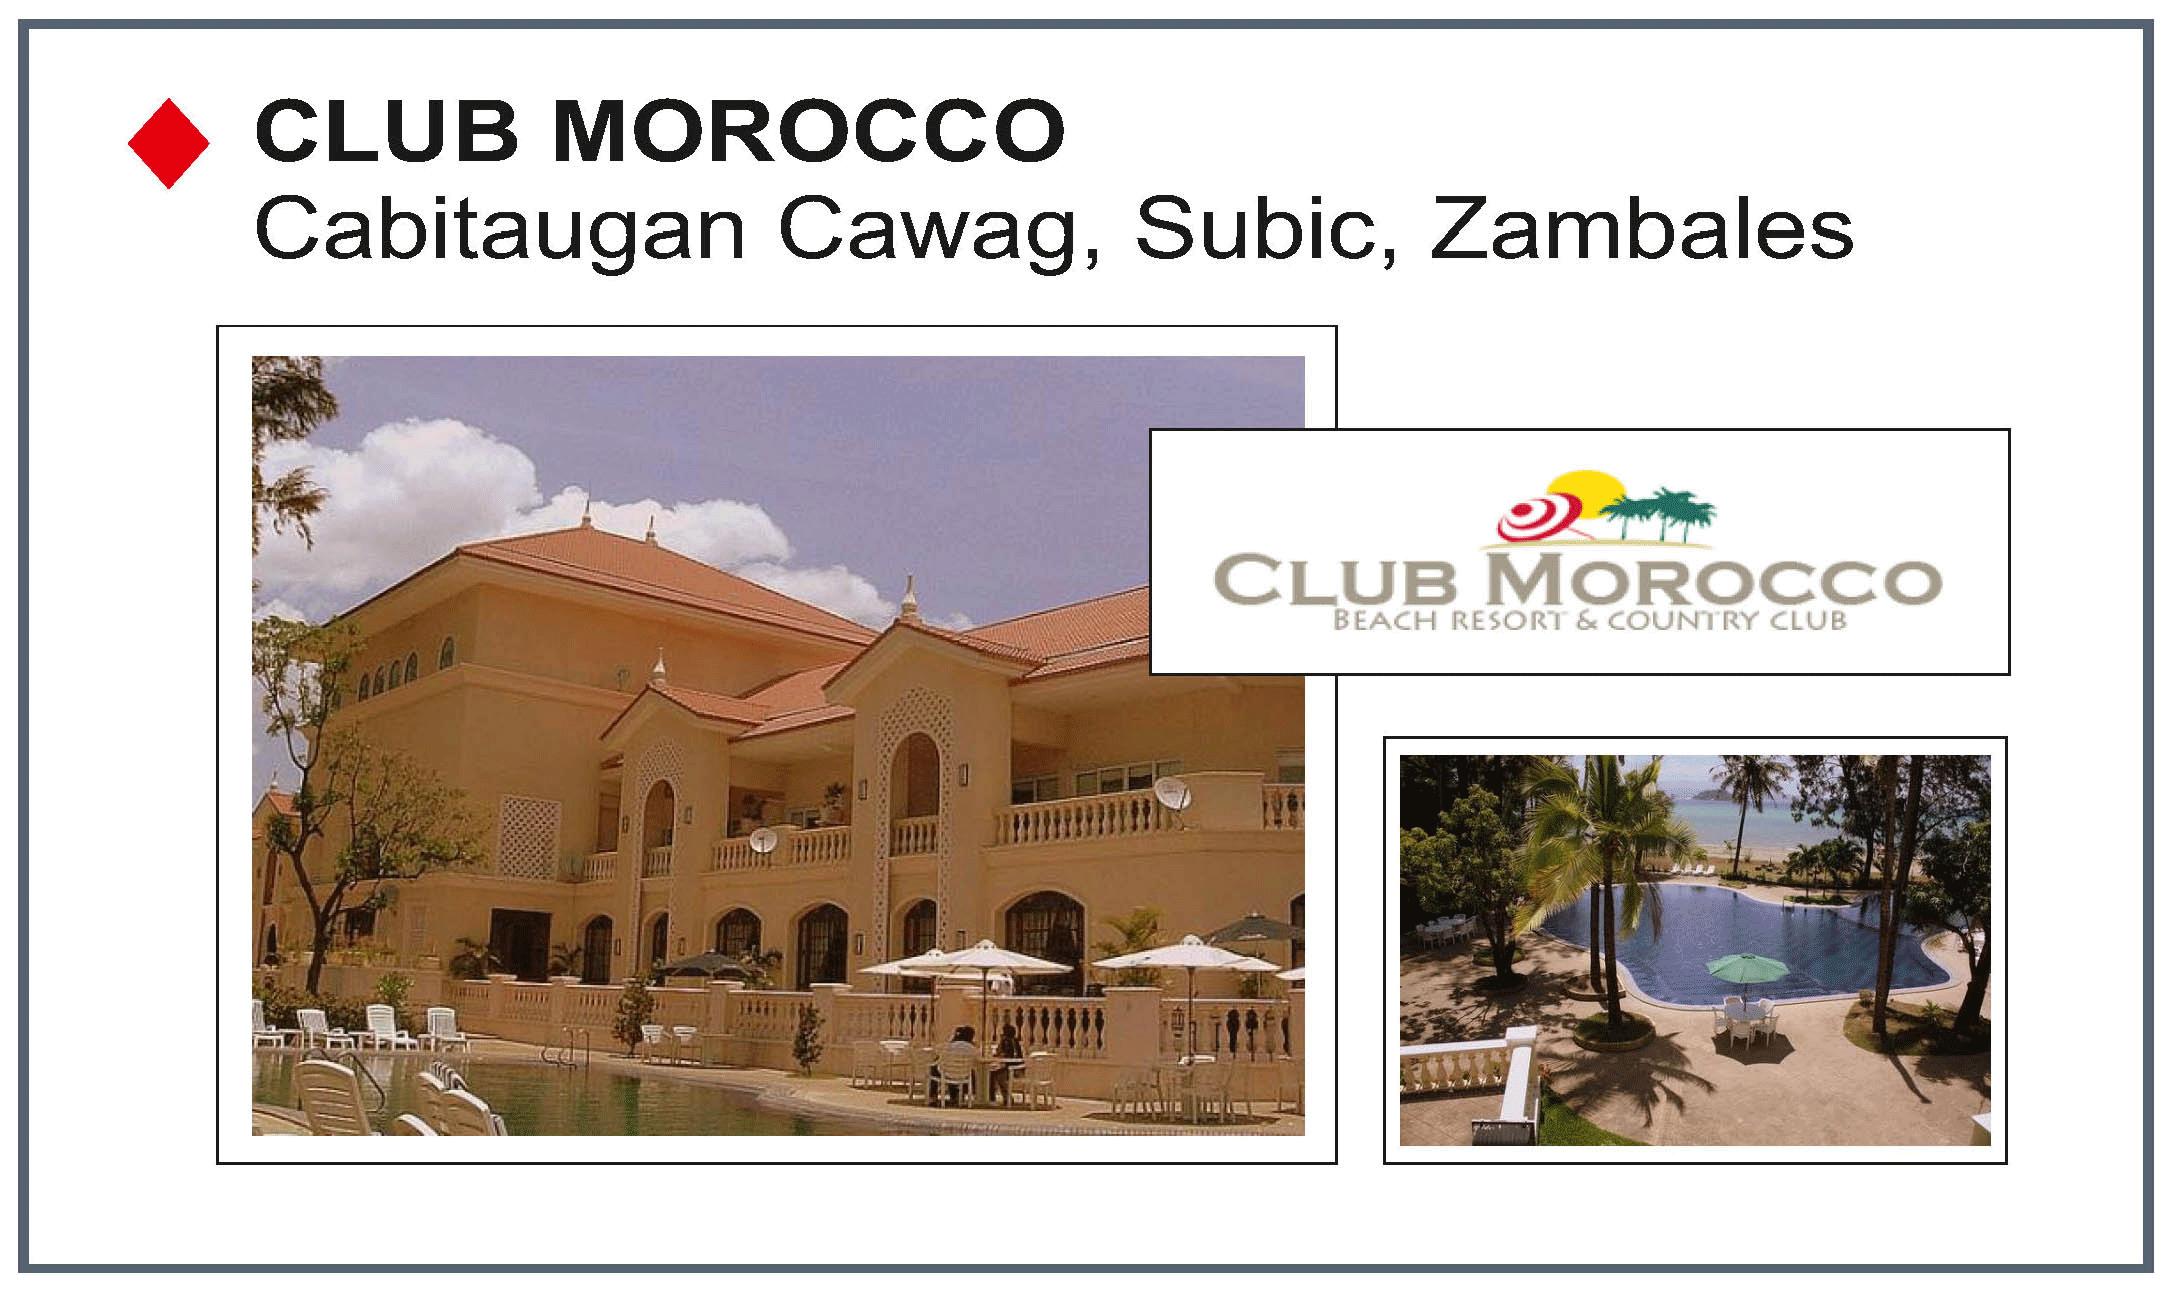 CLUB-MOROCCO